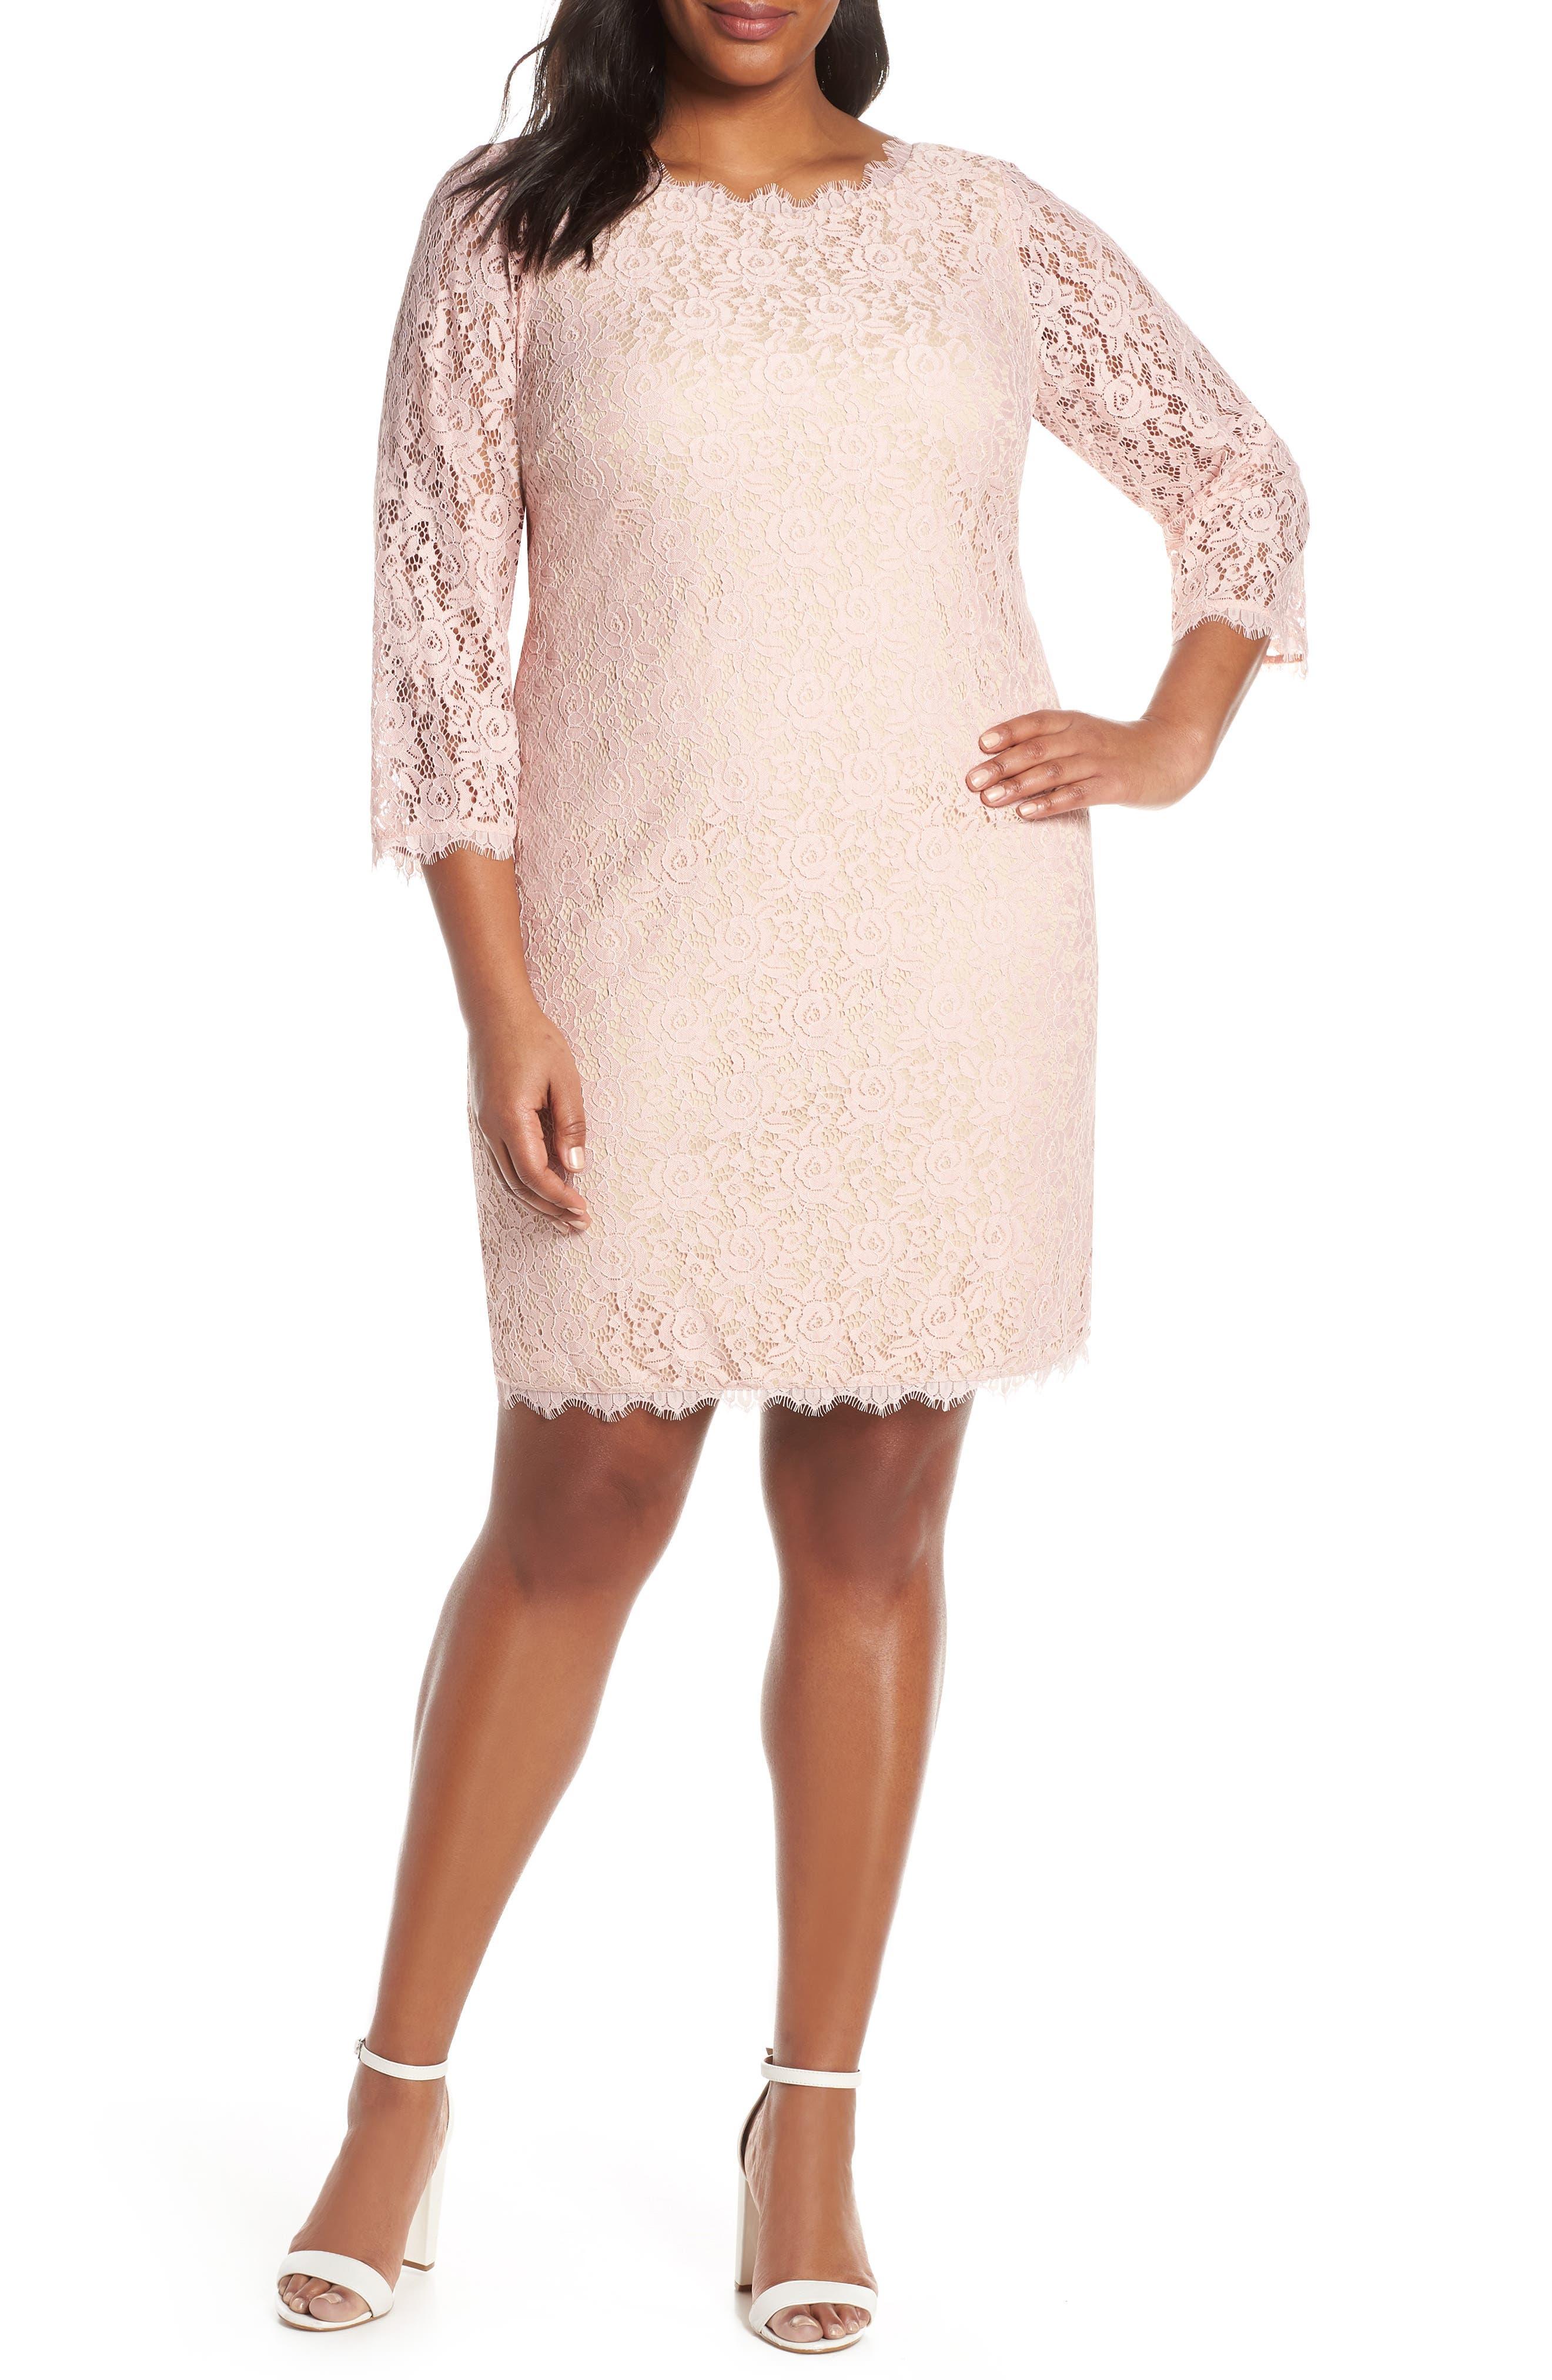 Plus Size Eliza J Lace Cocktail Dress, Pink